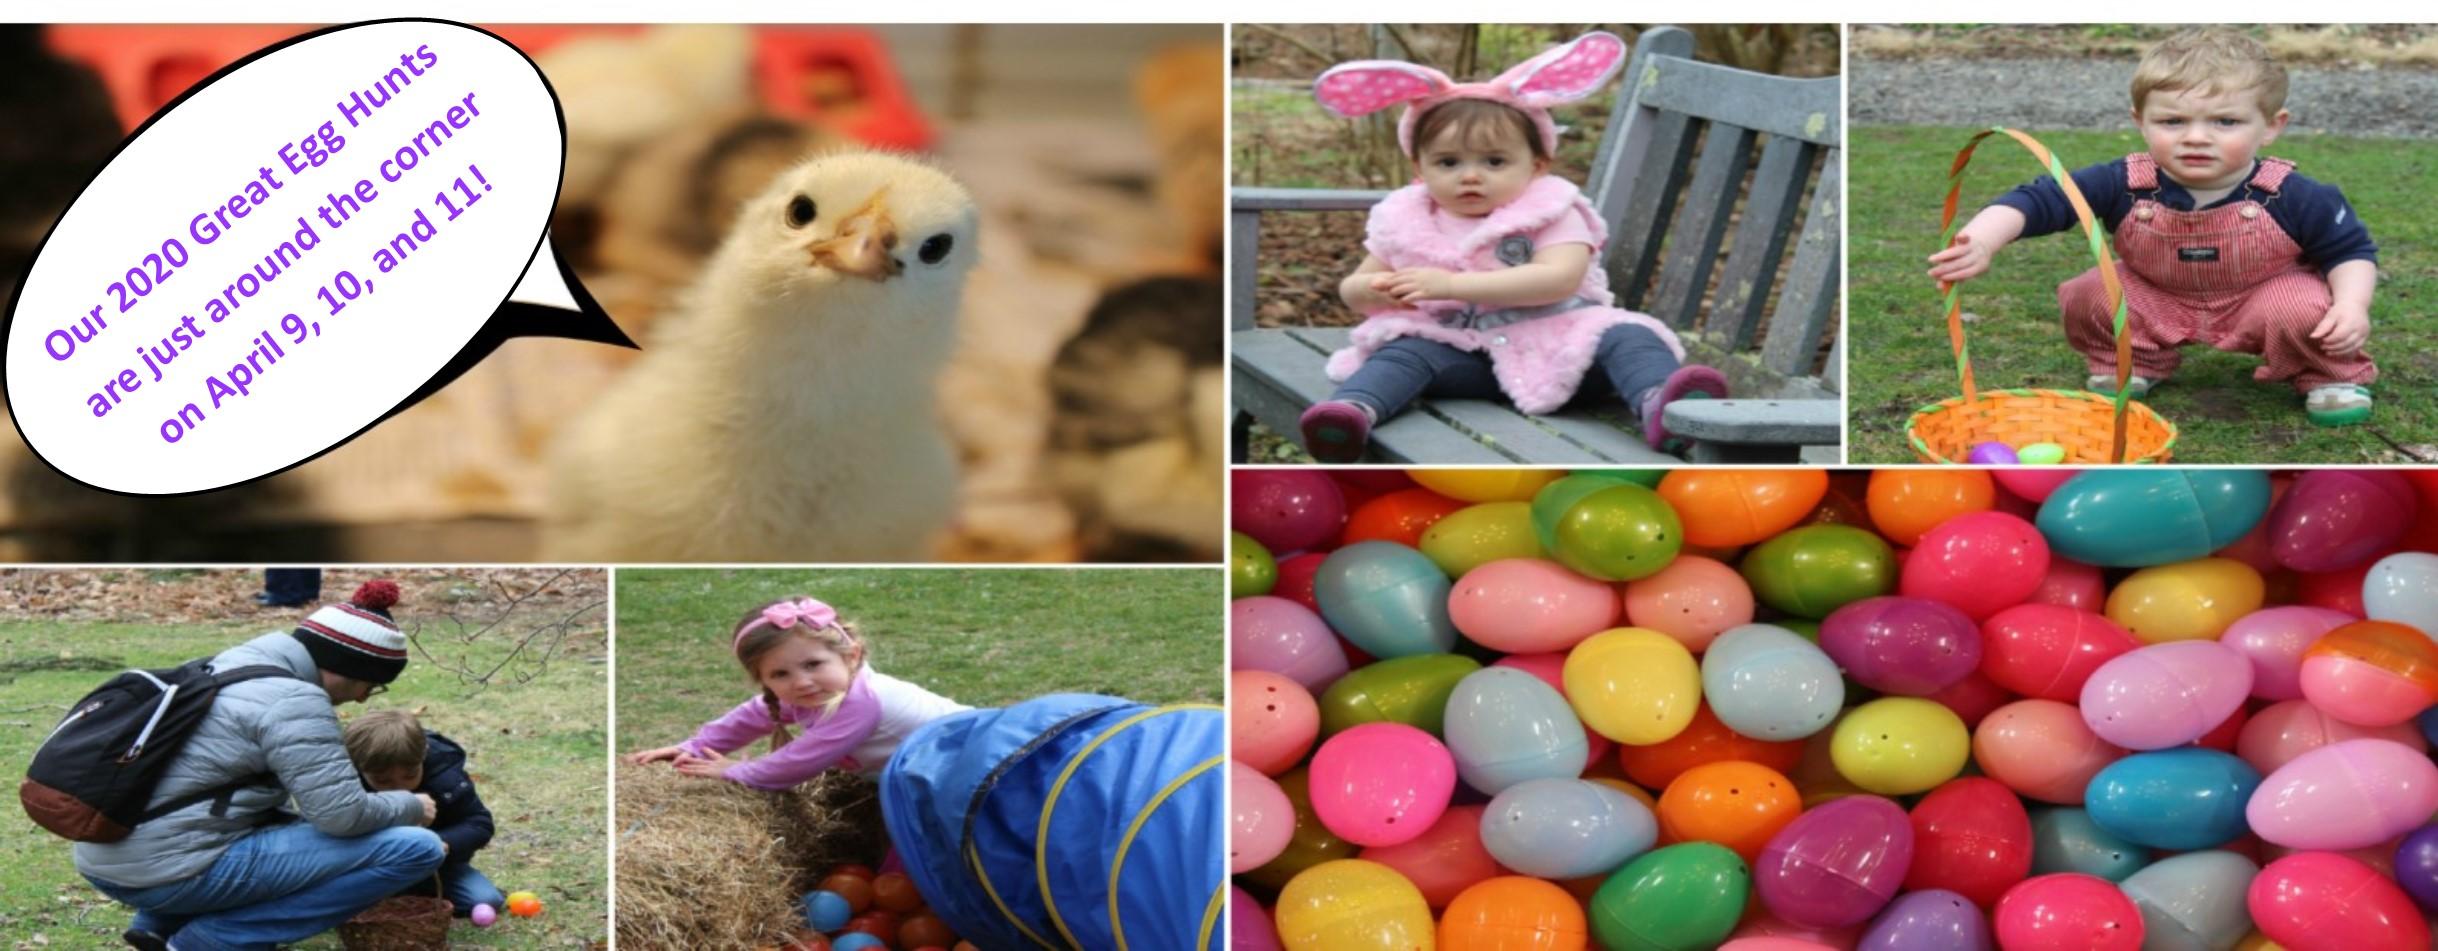 egg hunts2020 1